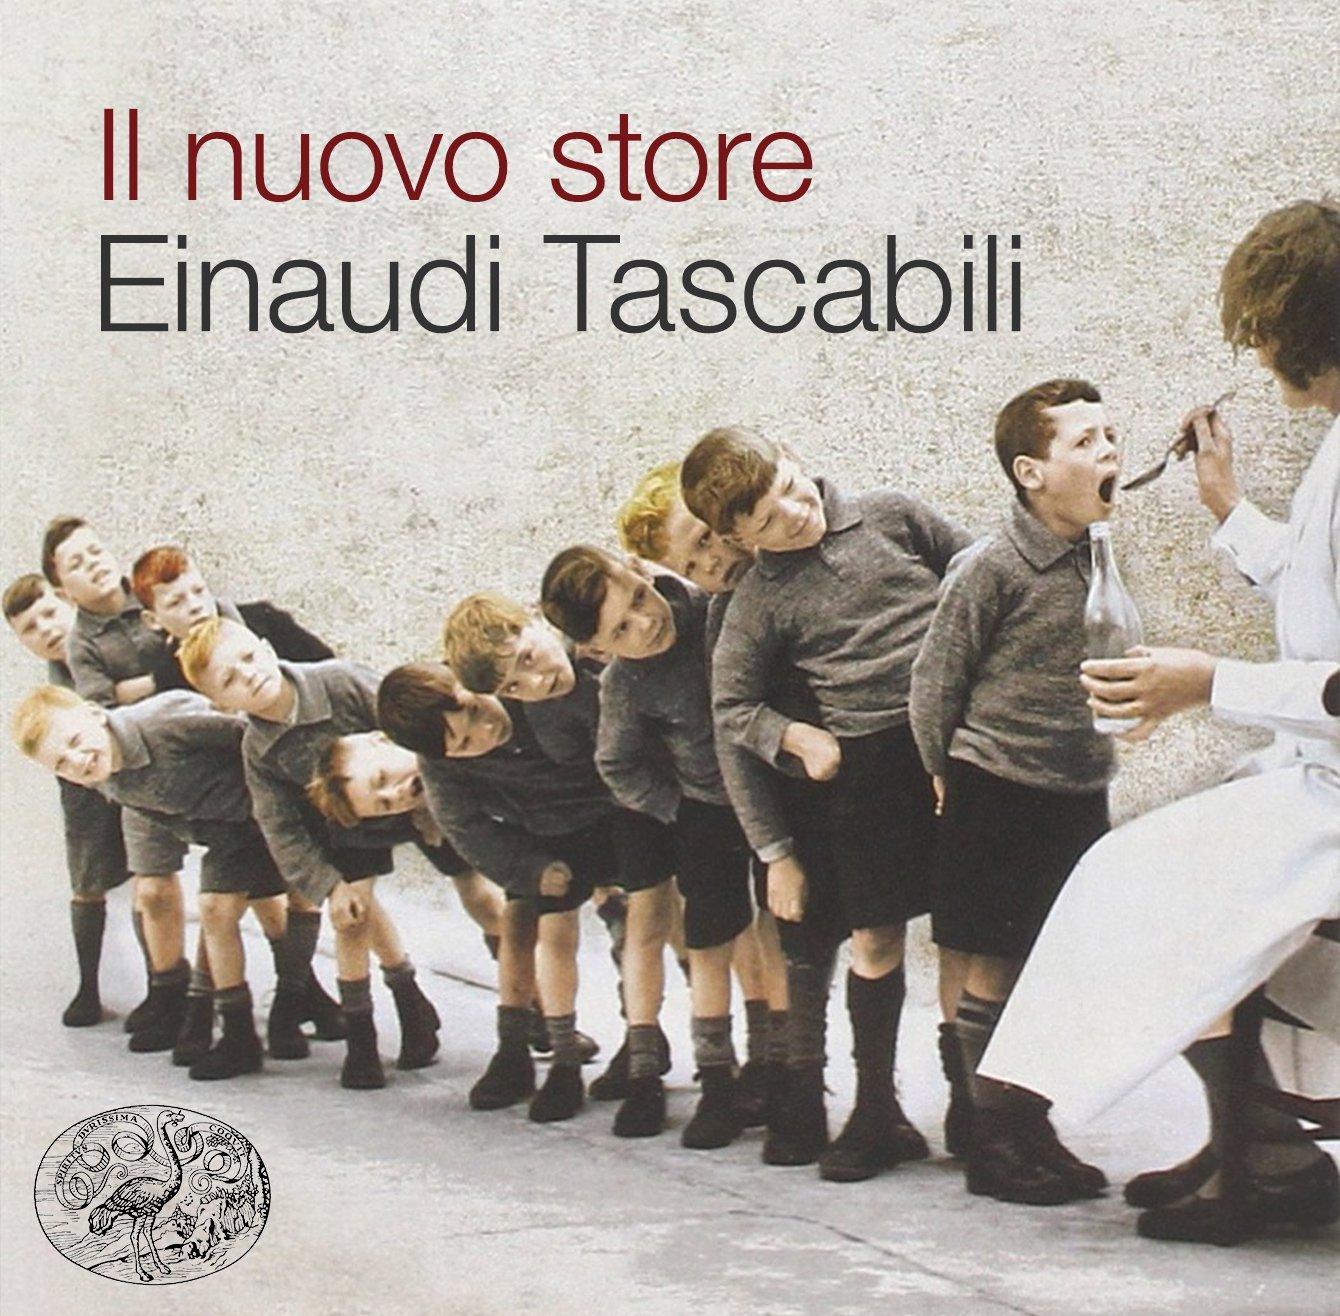 Il nuovo store Einaudi Tascabili